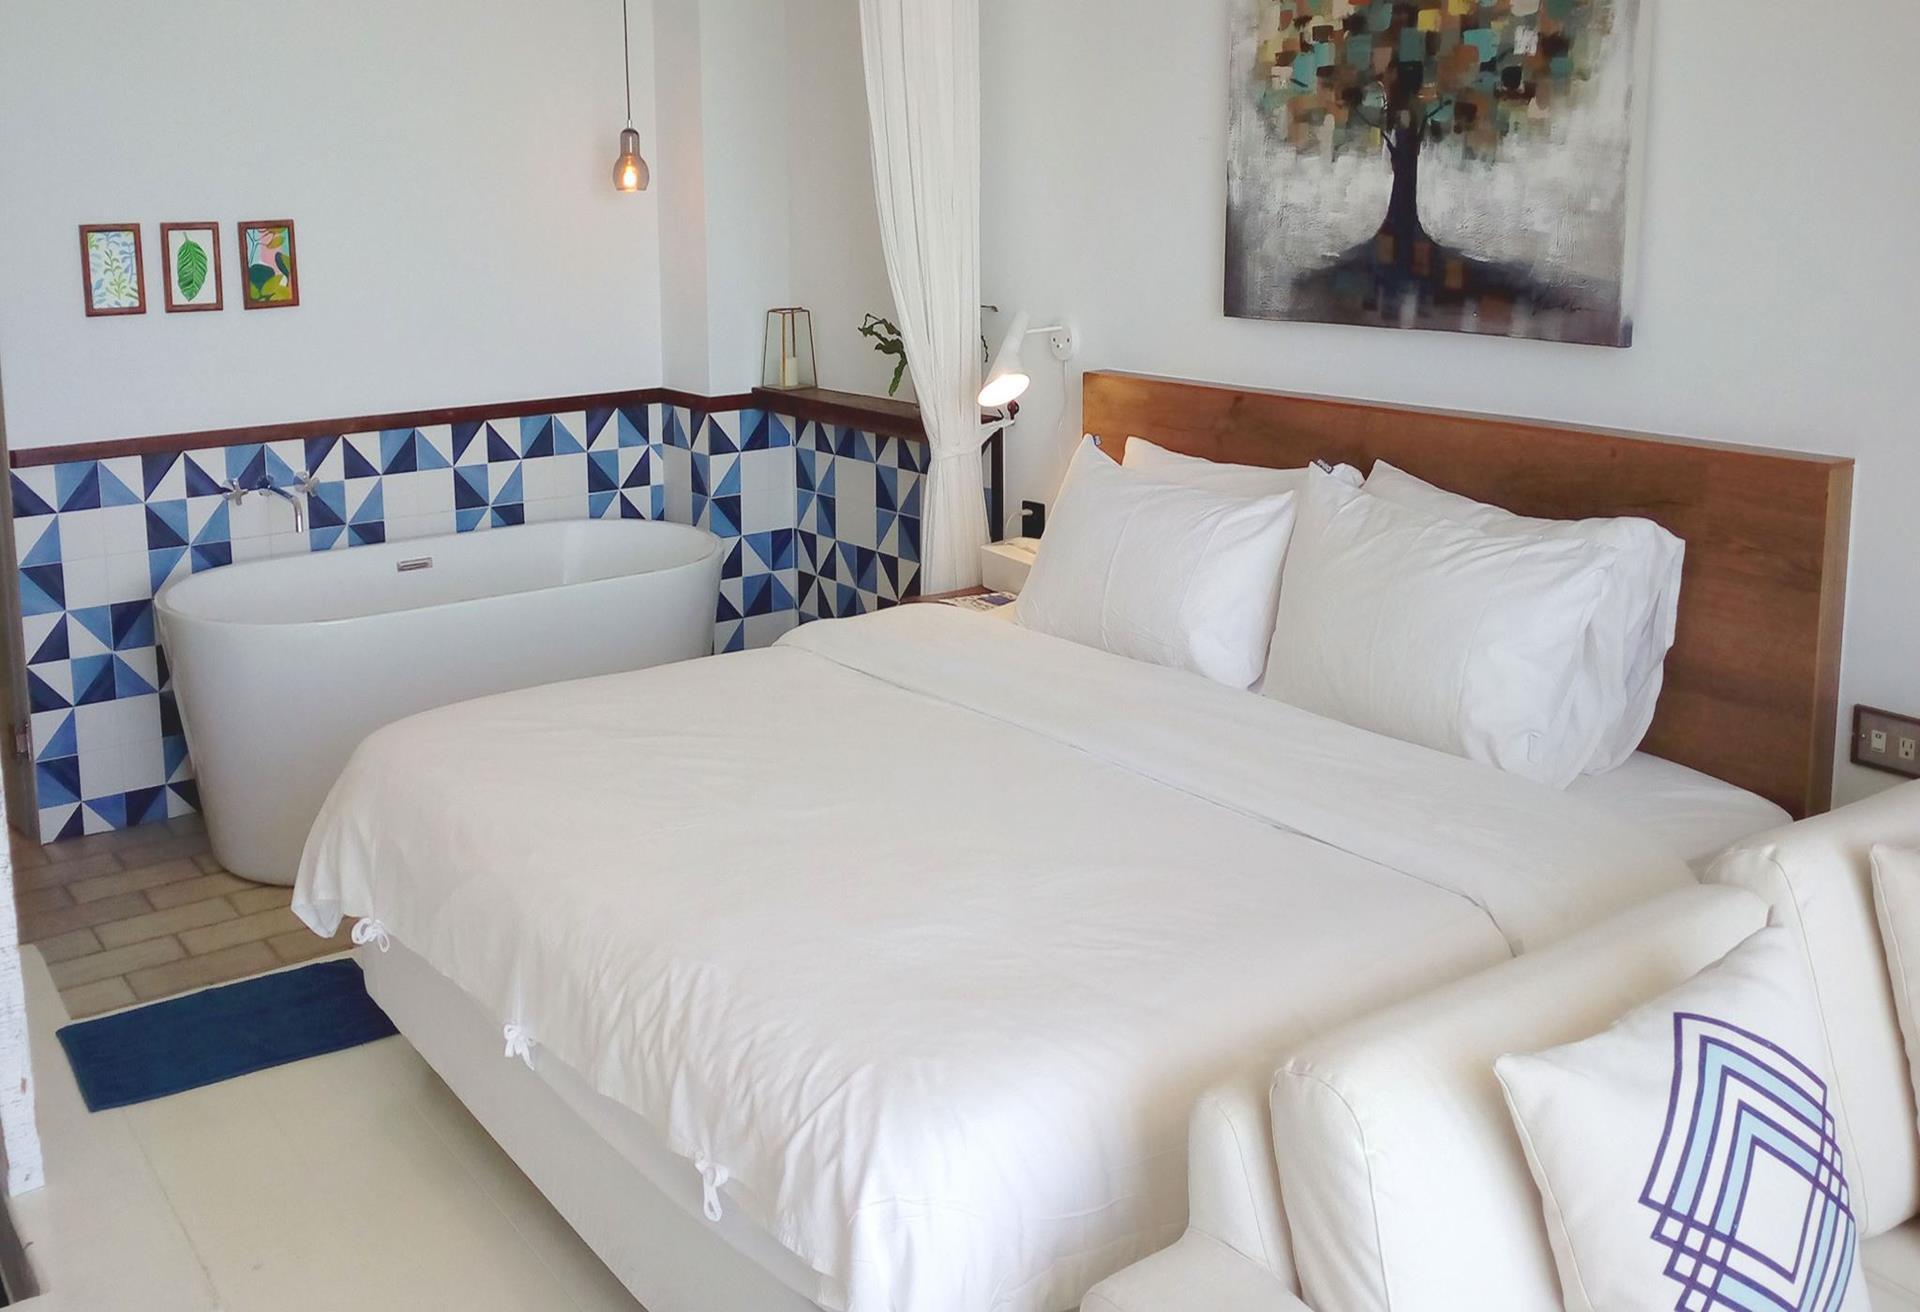 墾丁南灣民宿推薦 - 迷路小章魚 小旅館的3F海景浴缸雙人房(靛藍)